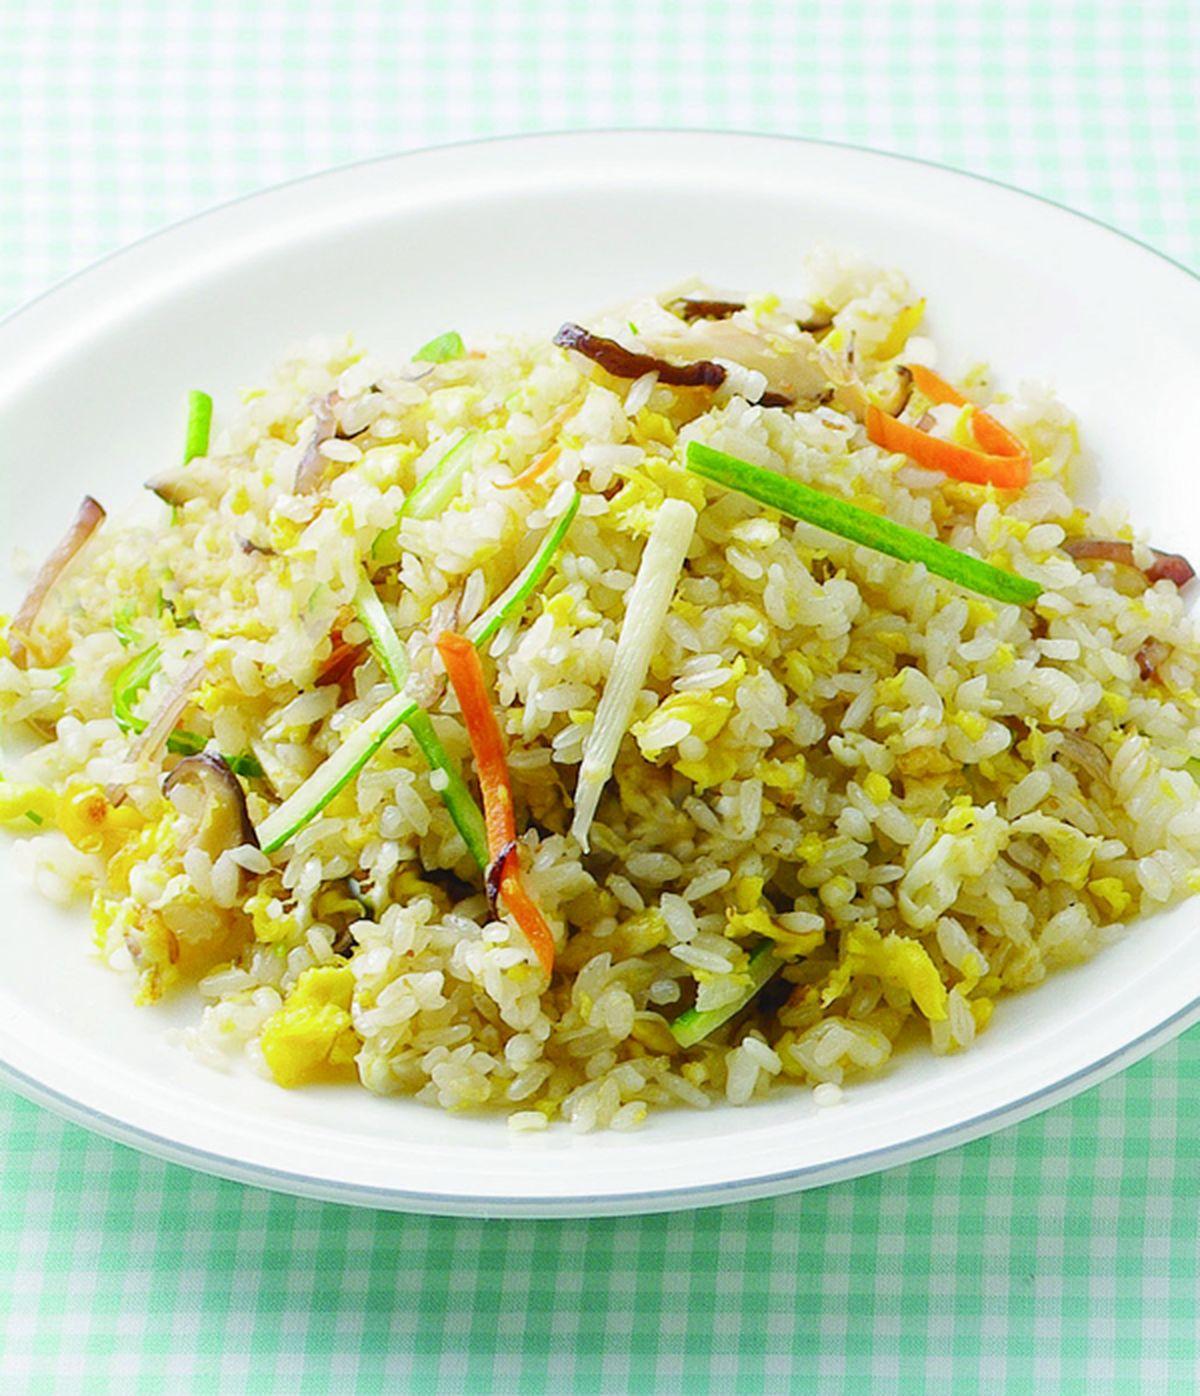 食譜:鮮蔬炒飯